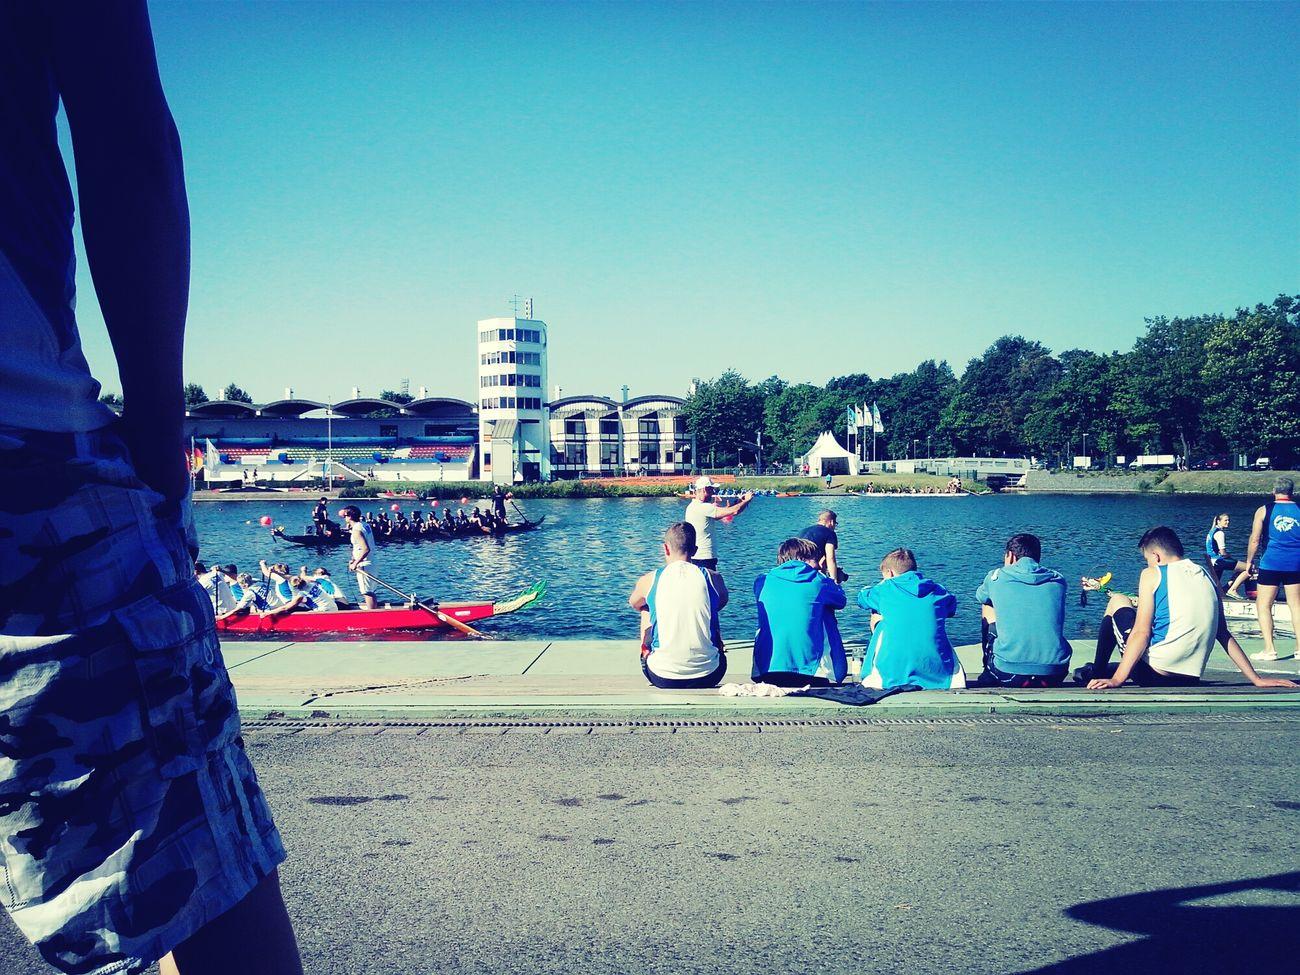 Dragonboatraces Duisburg Germany wir sind die besten, wir schlagen sie alle.